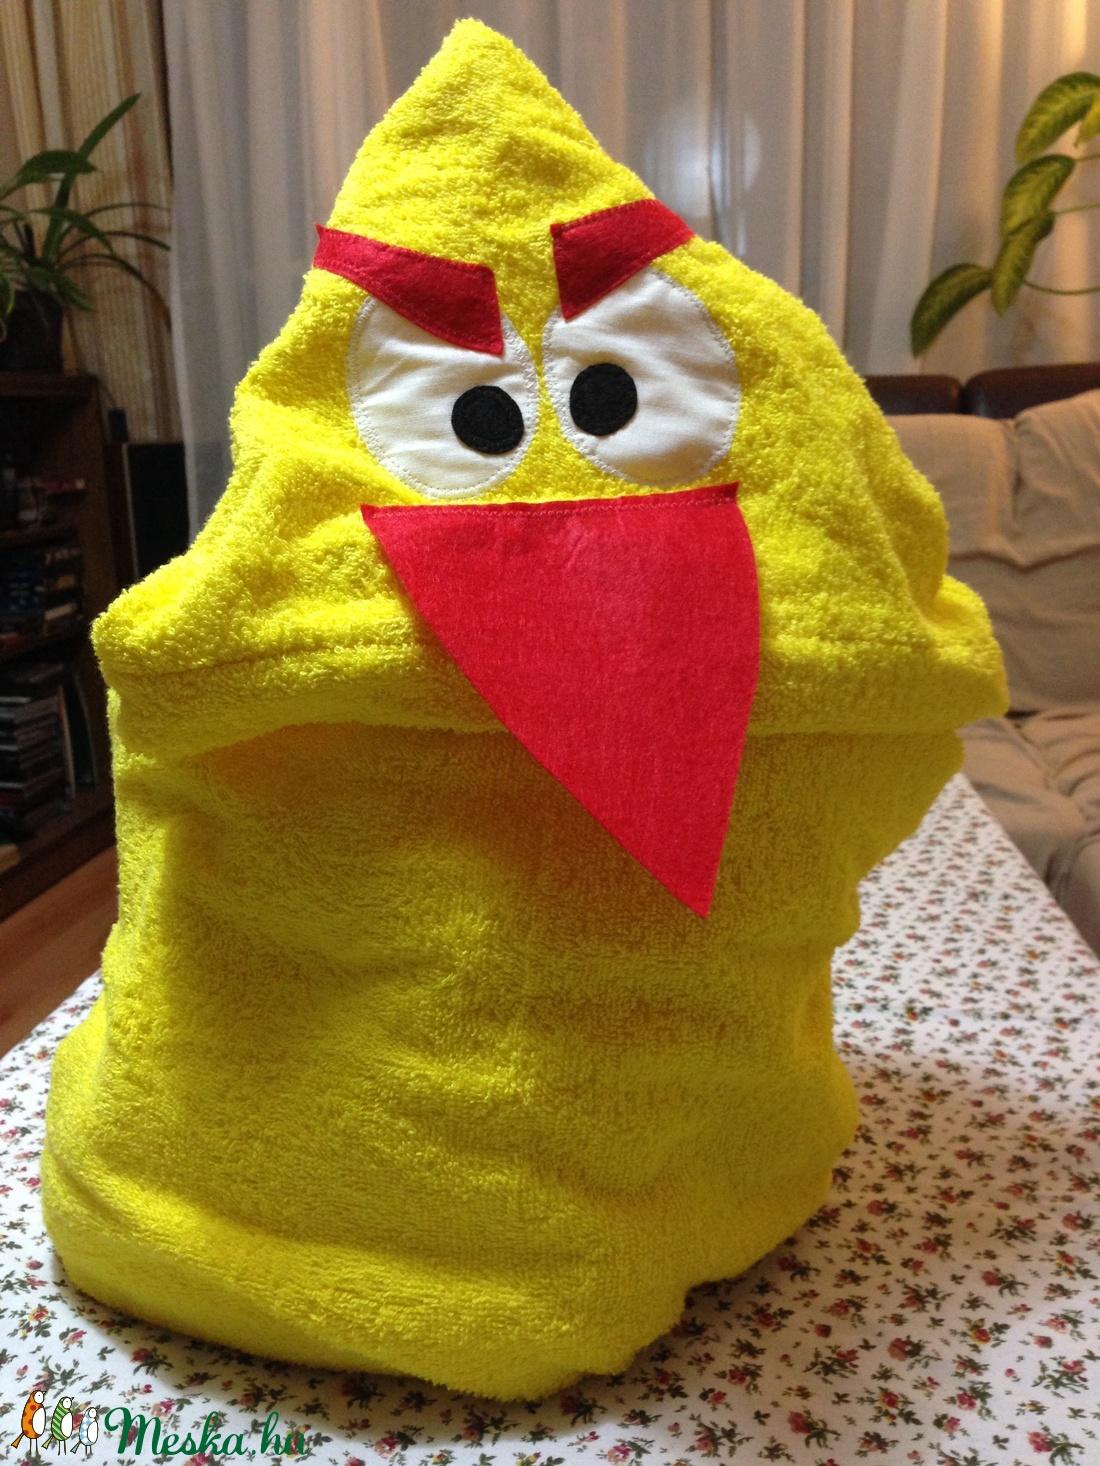 Citromsárga Angry Bird kapucnis törülköző kamaszoknak 334d40a34d